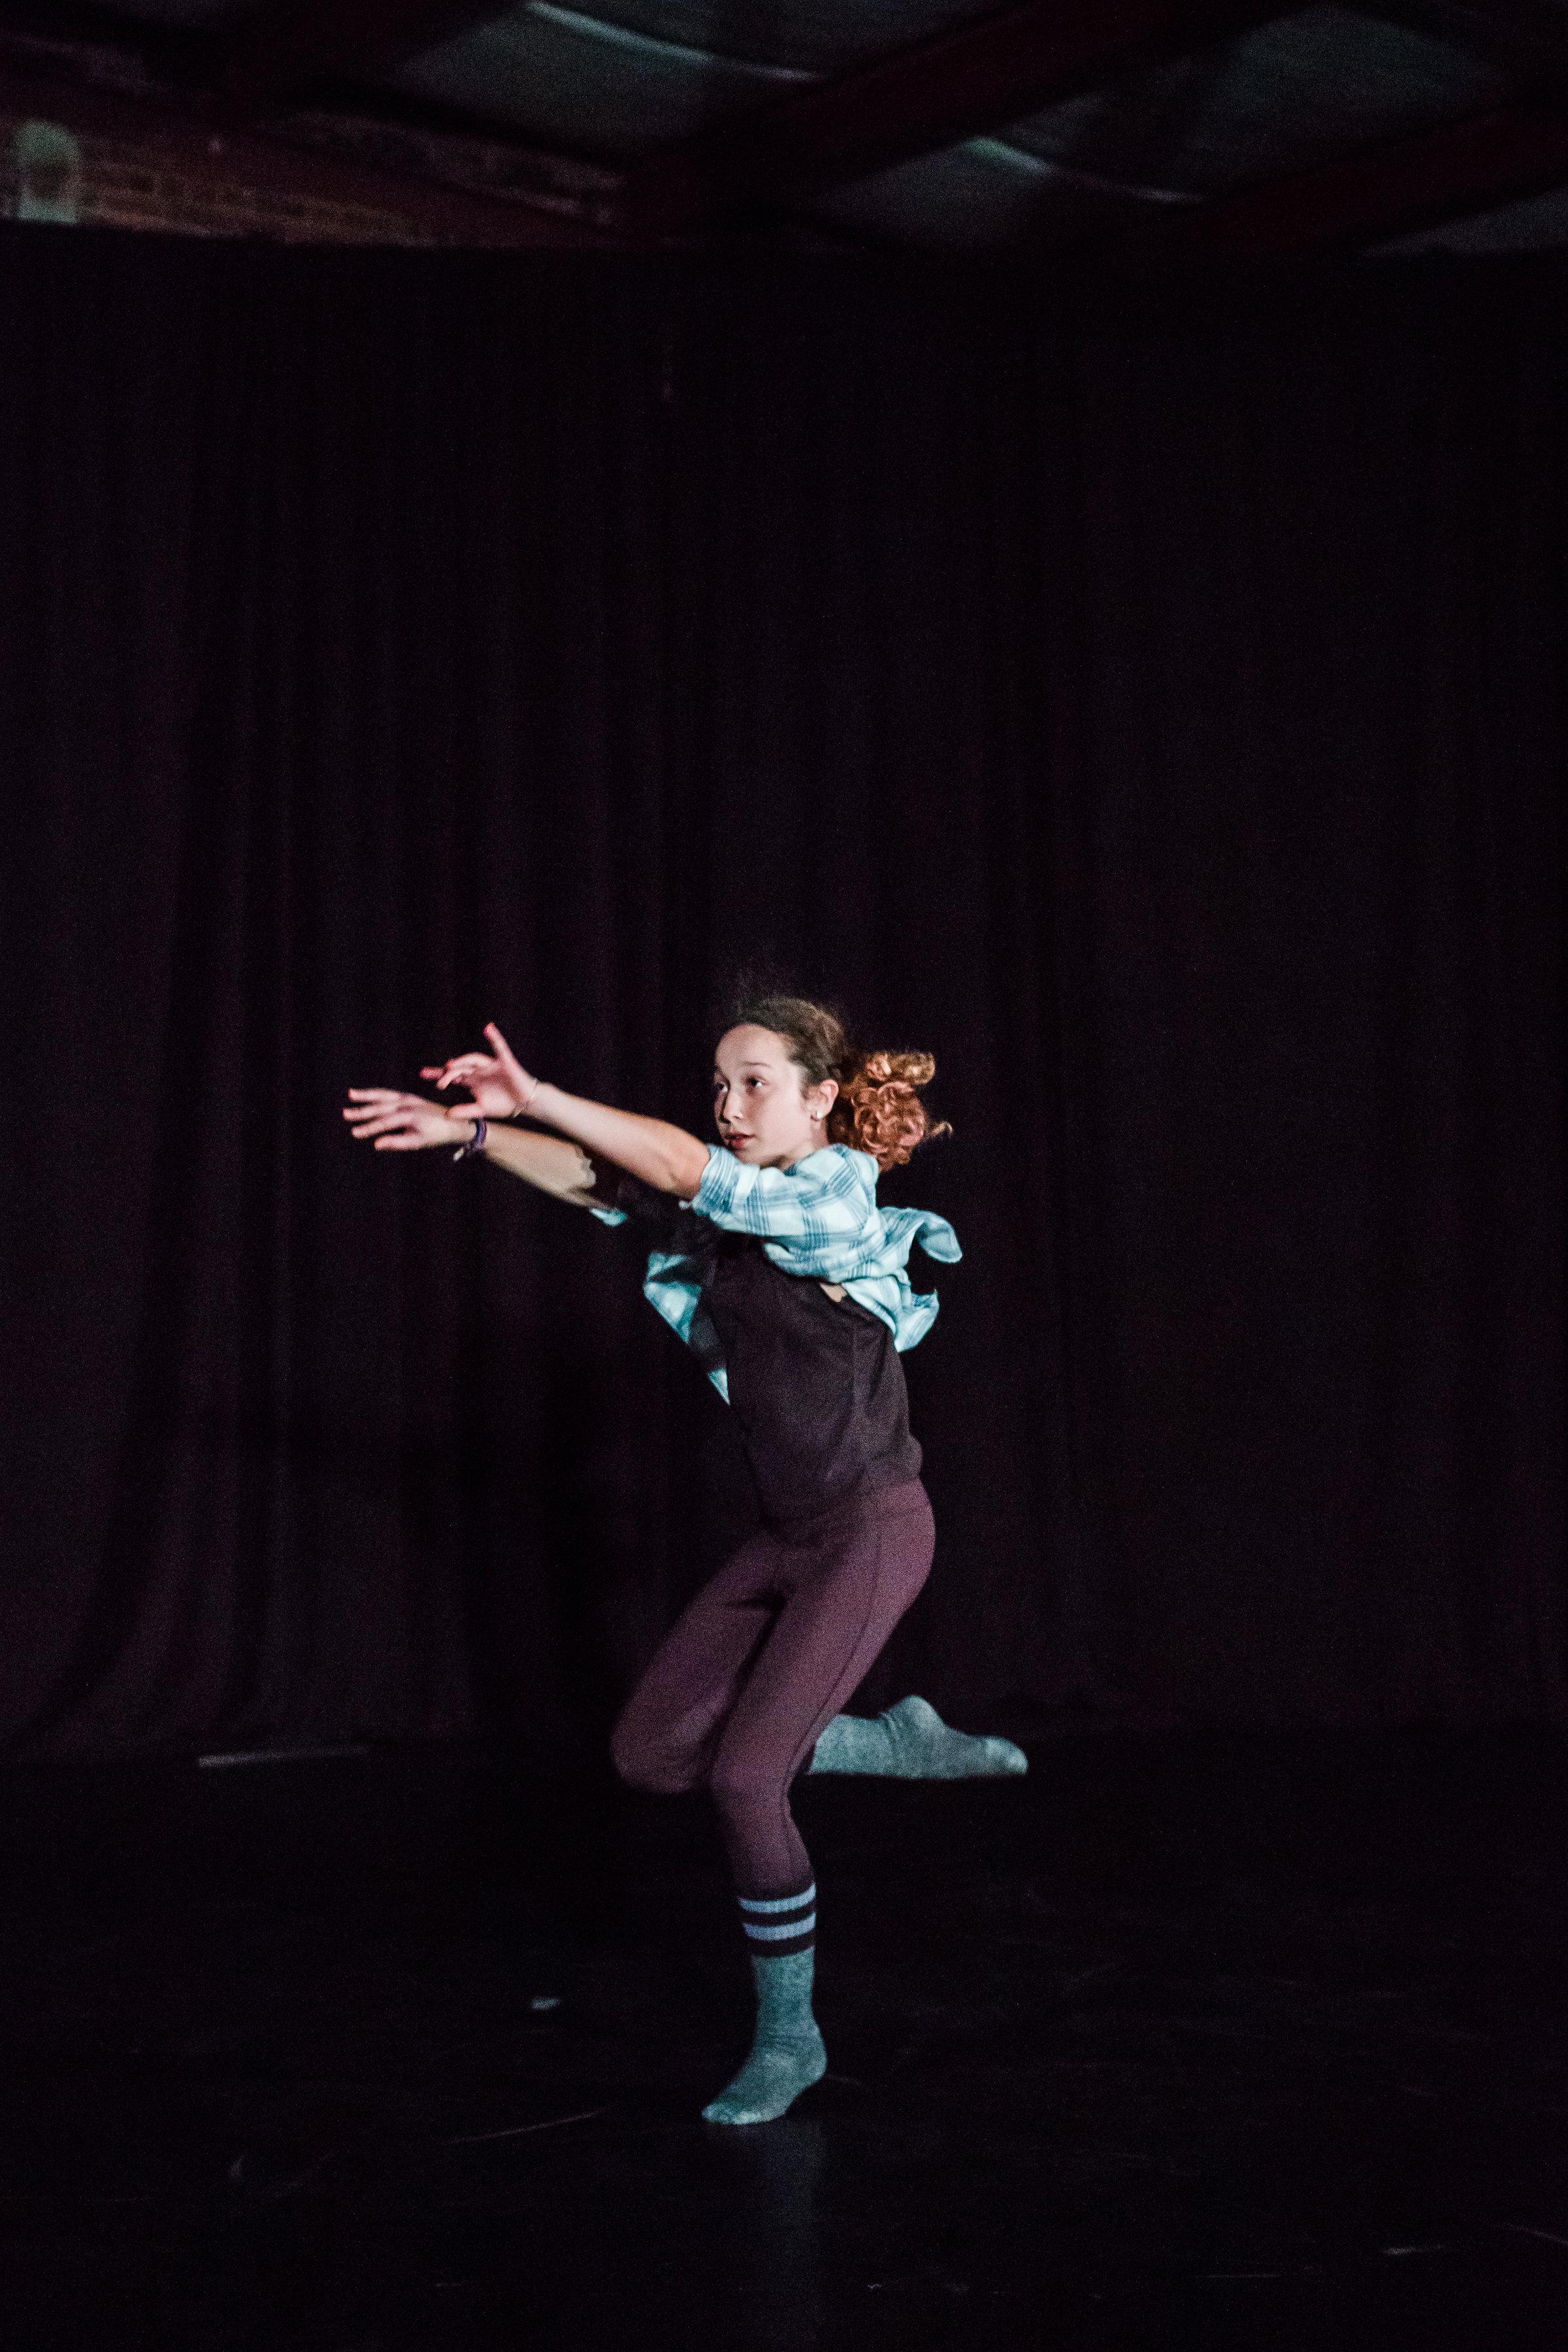 2017_12_10_durham_school_ballet_winter_showcase_party-3513.jpg